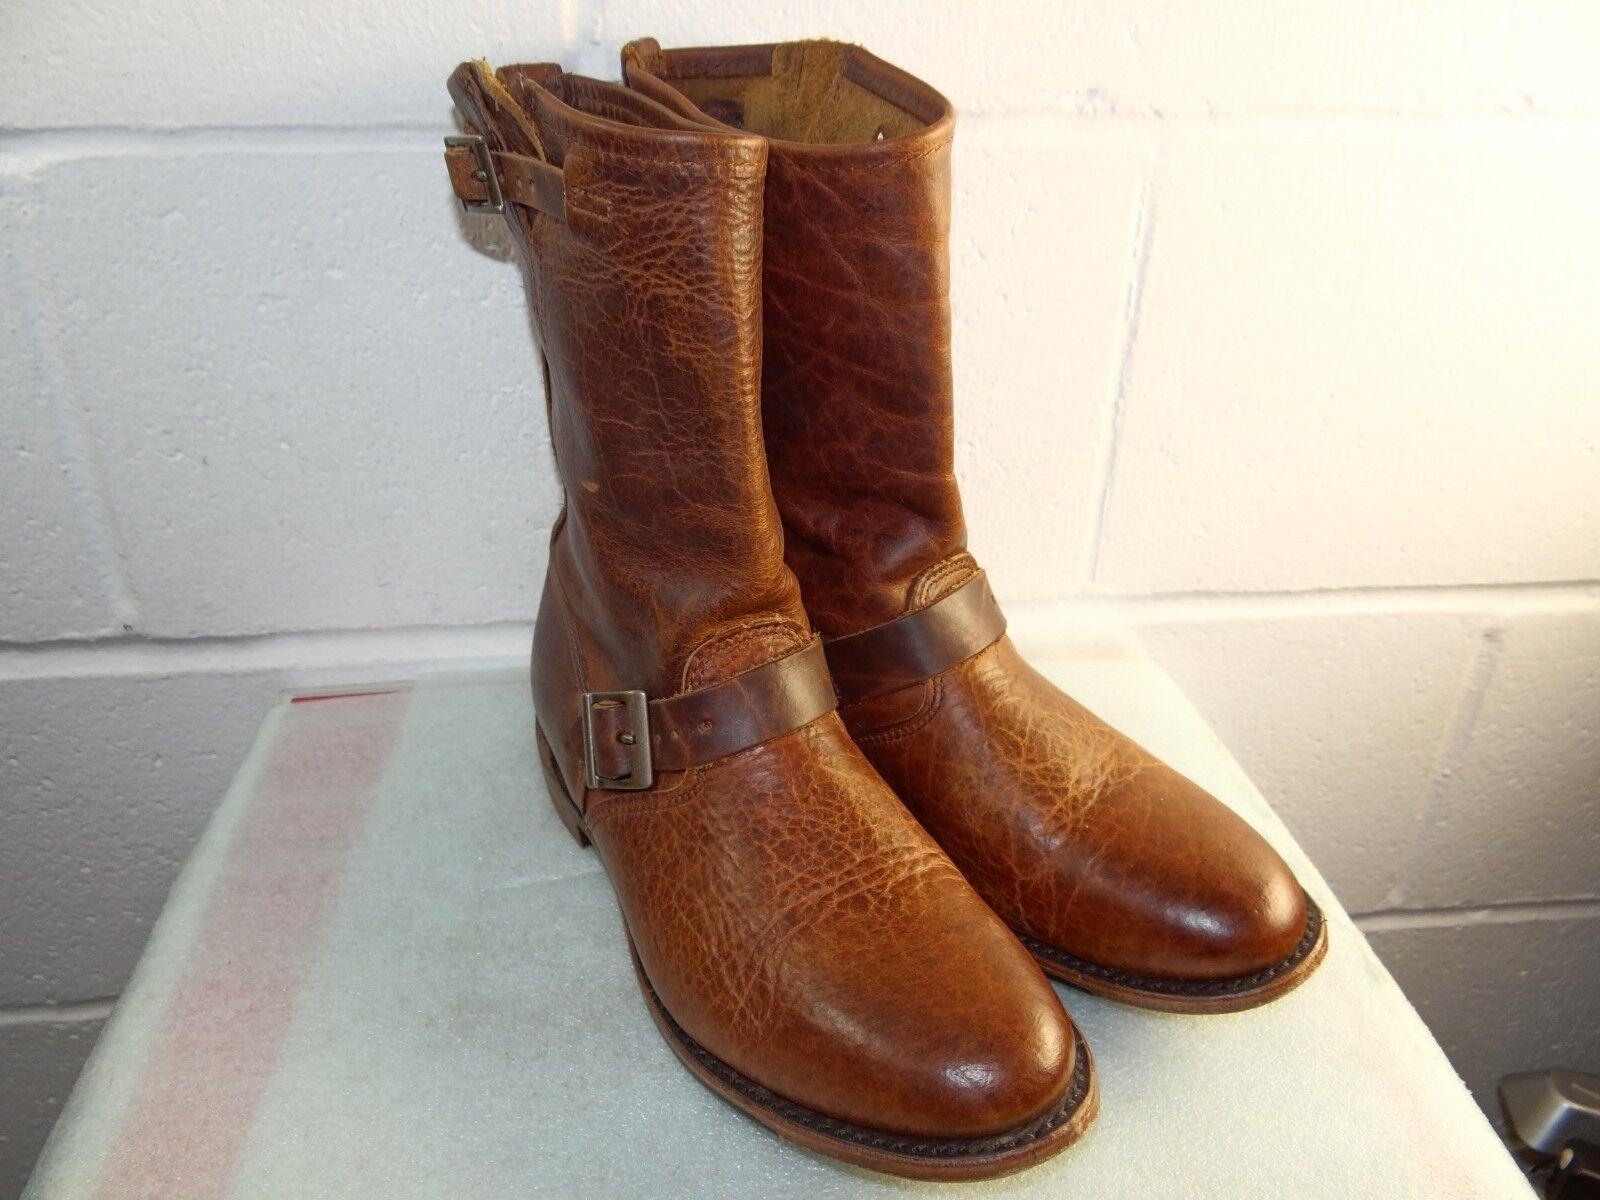 Vintage zapatos Co Veronica mitad de la pantorrilla botas de cuero marrón para mujeres tamaño 8M Hecho en EE. UU.